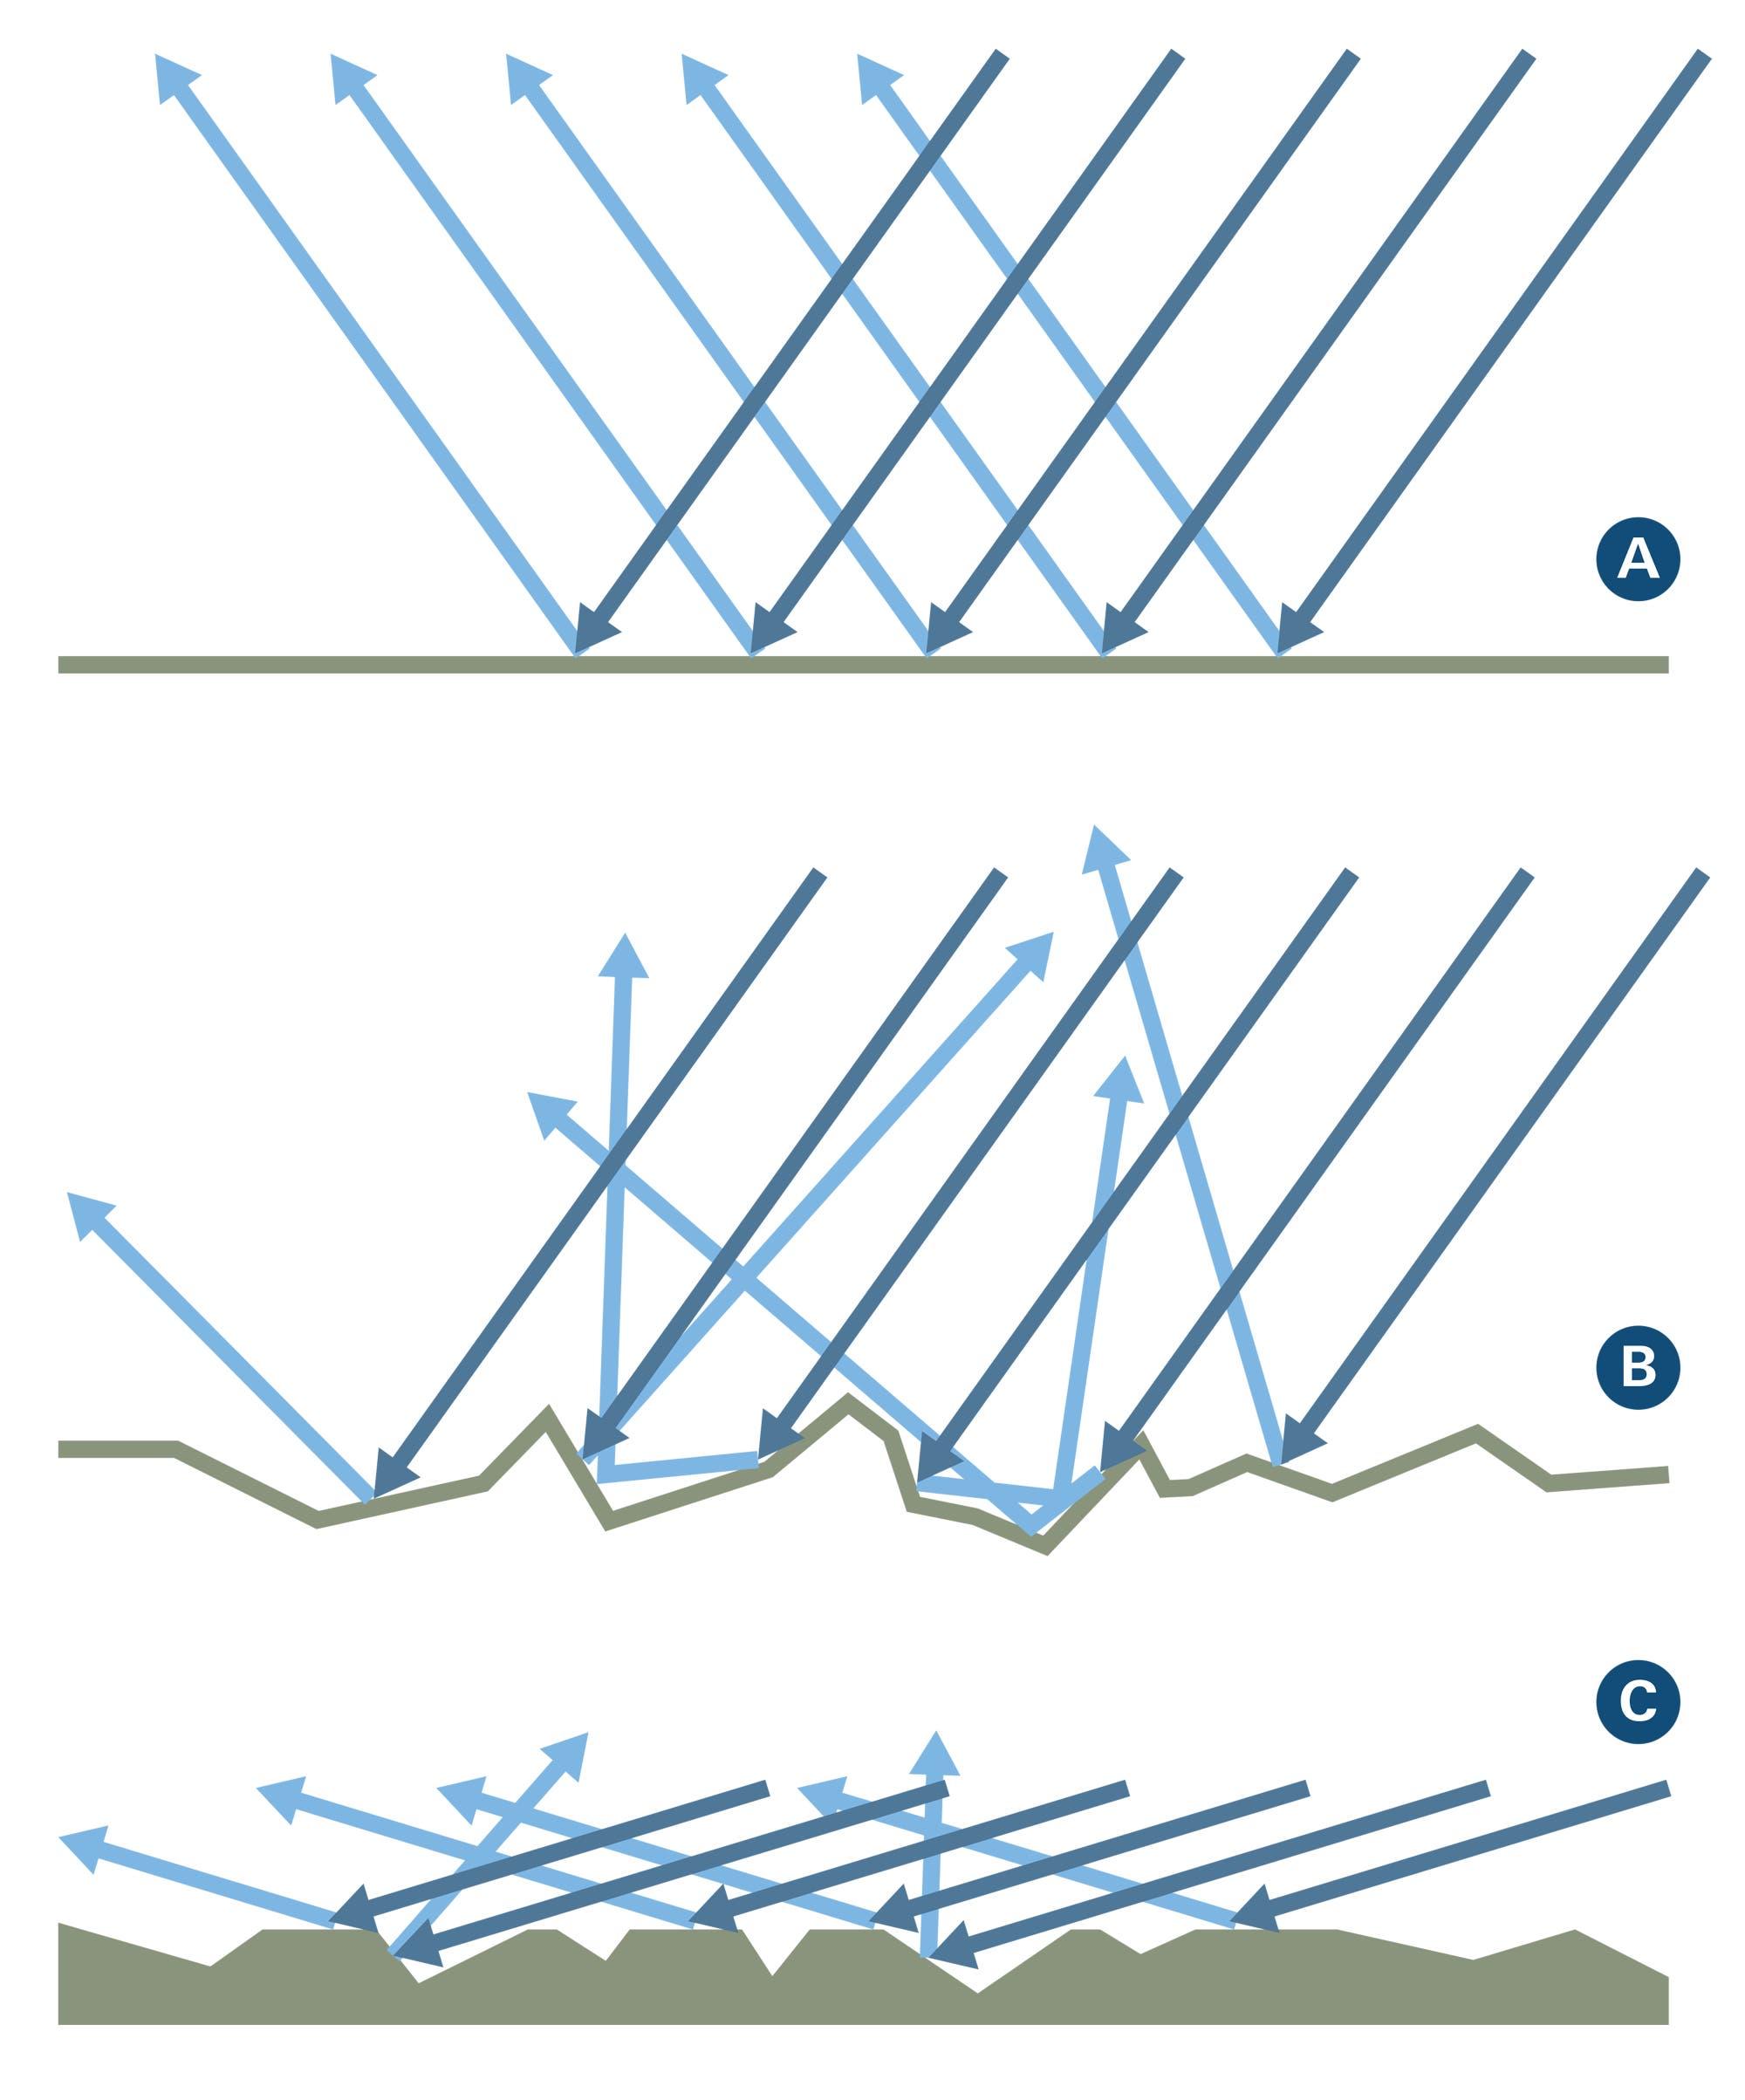 Illustration an glatten und rauen Oberflächen reflektierter Strahlen bei verschiedenen Einfallswinkeln